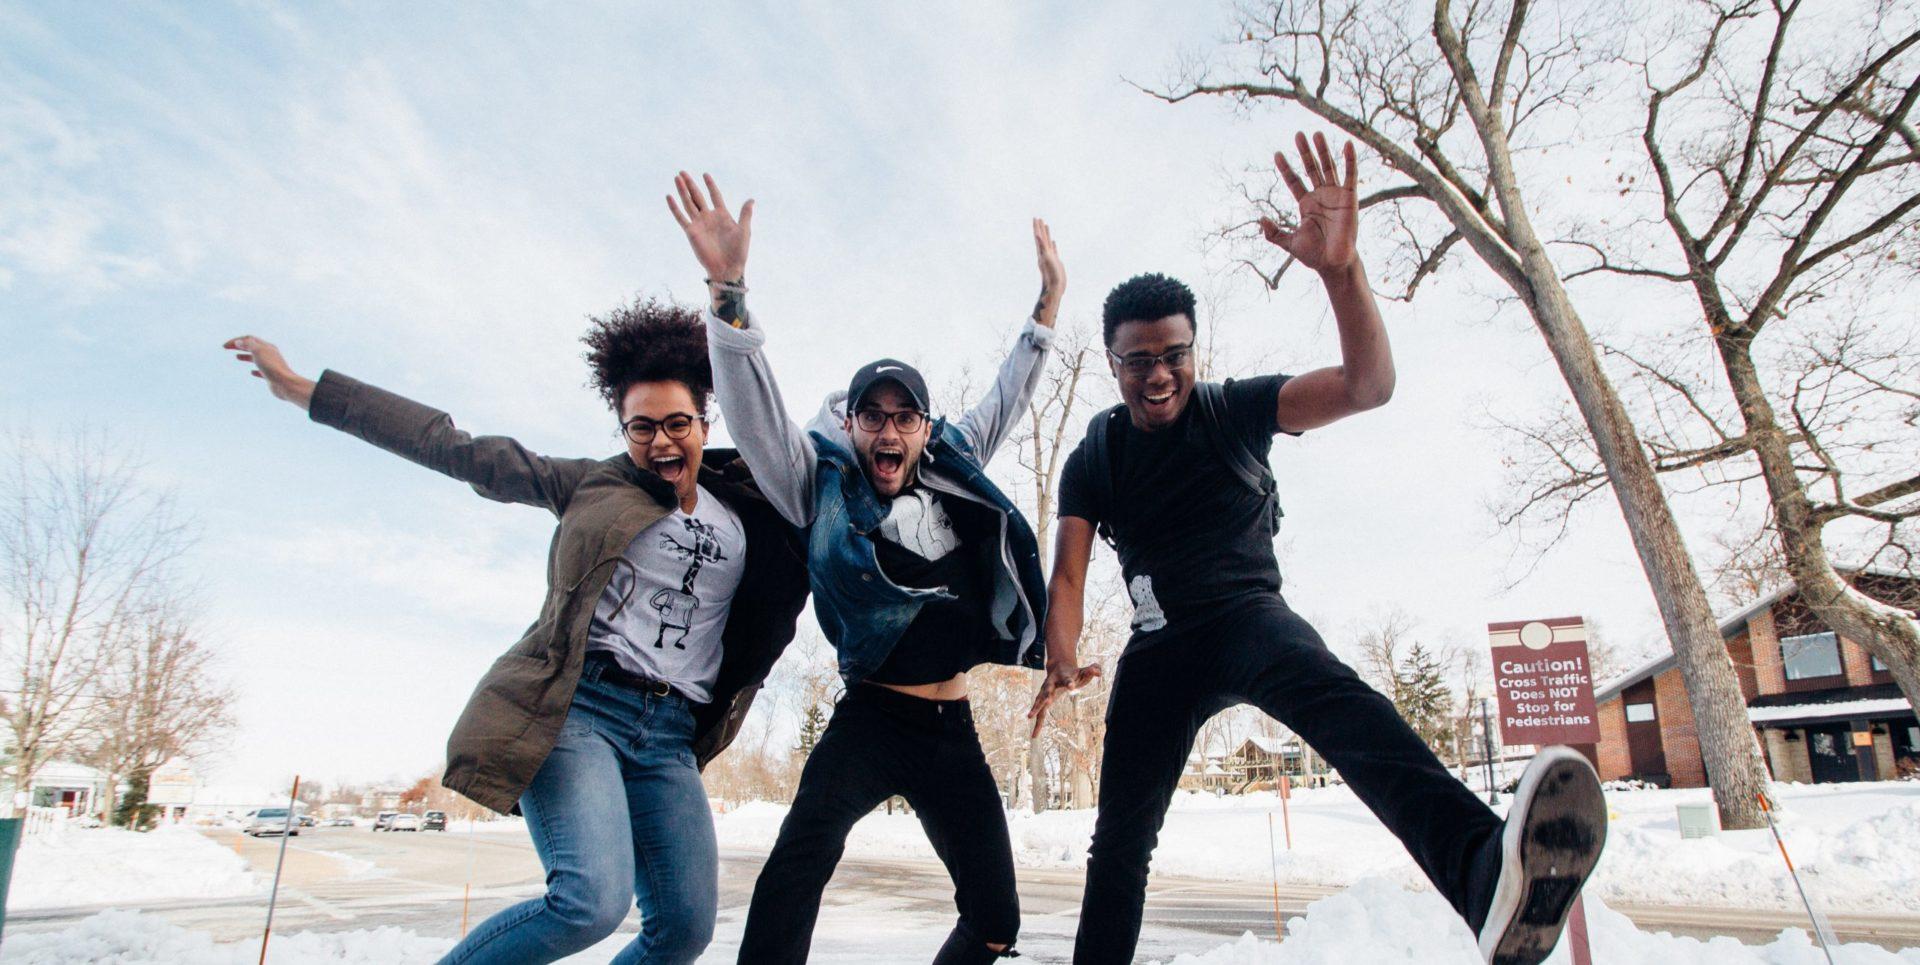 Jugendliche springen im Schnee